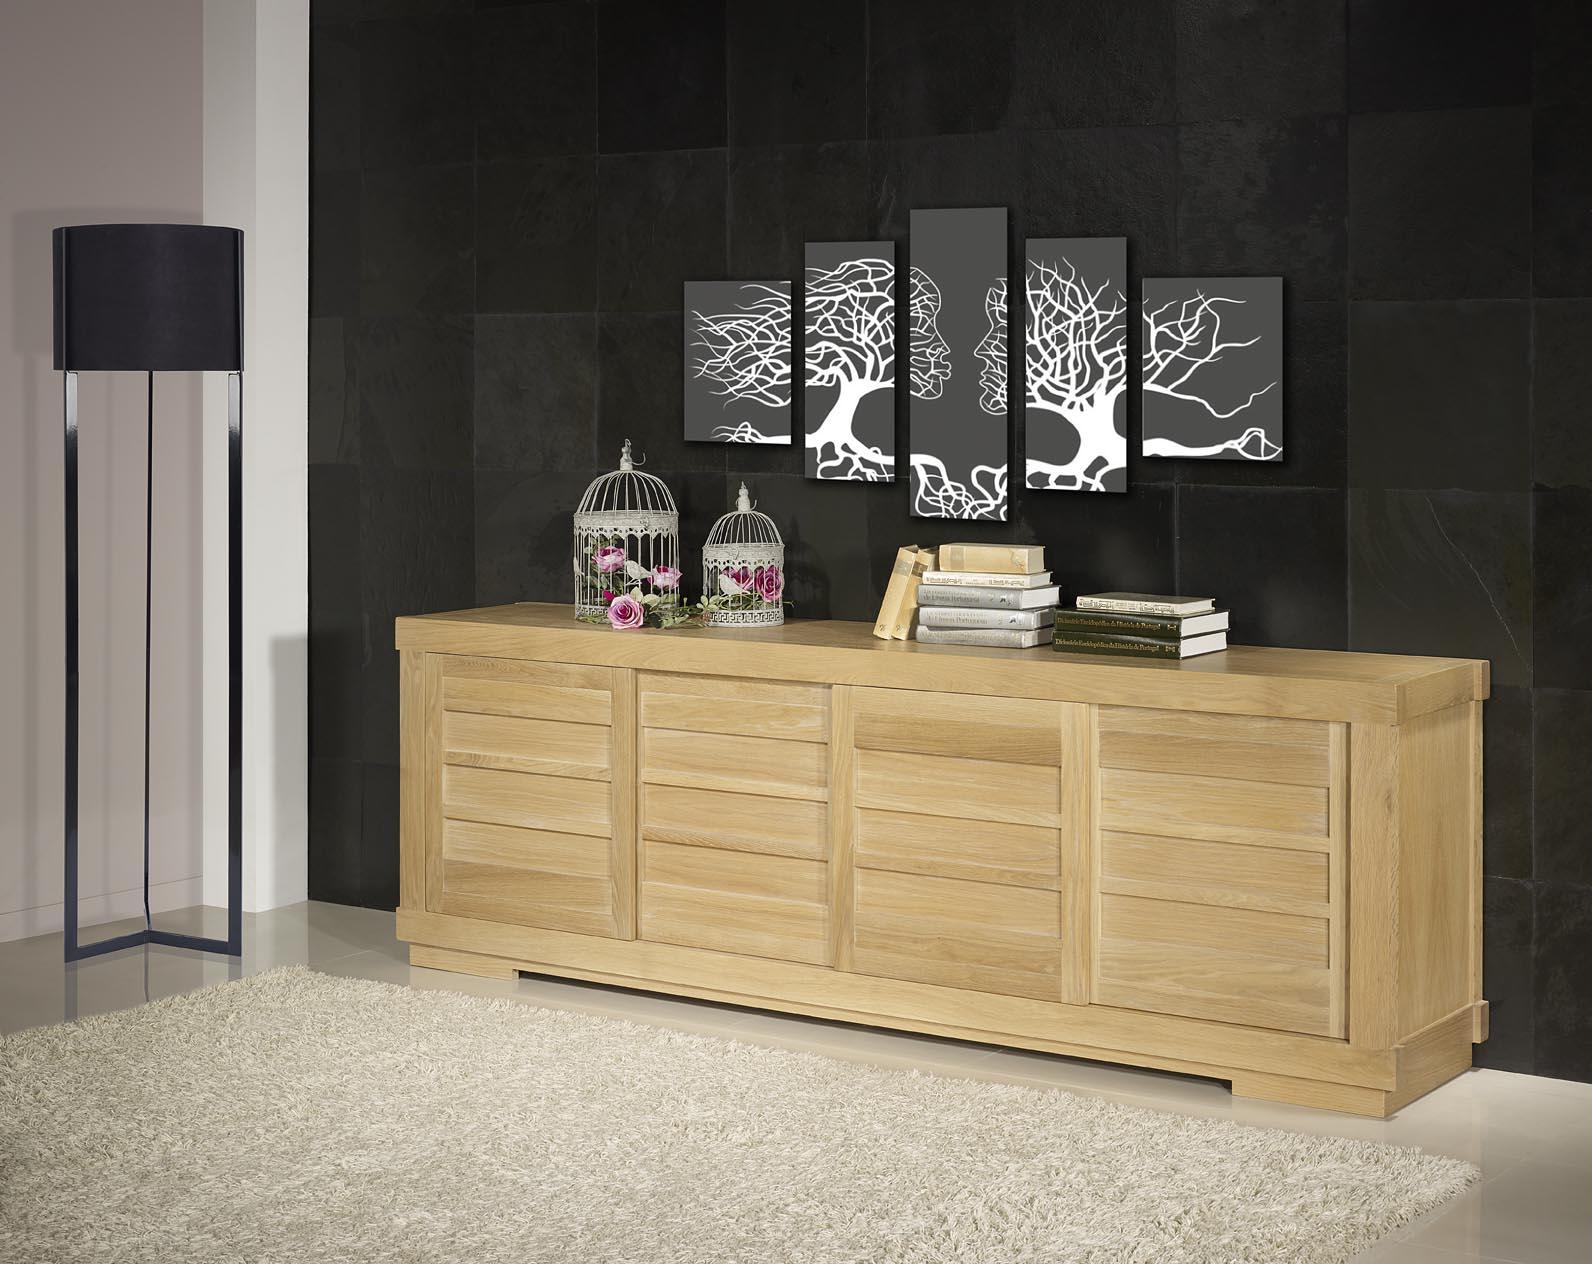 buffet 4 portes coulissantes en ch ne massif de style contemporain vintage meuble en ch ne massif. Black Bedroom Furniture Sets. Home Design Ideas